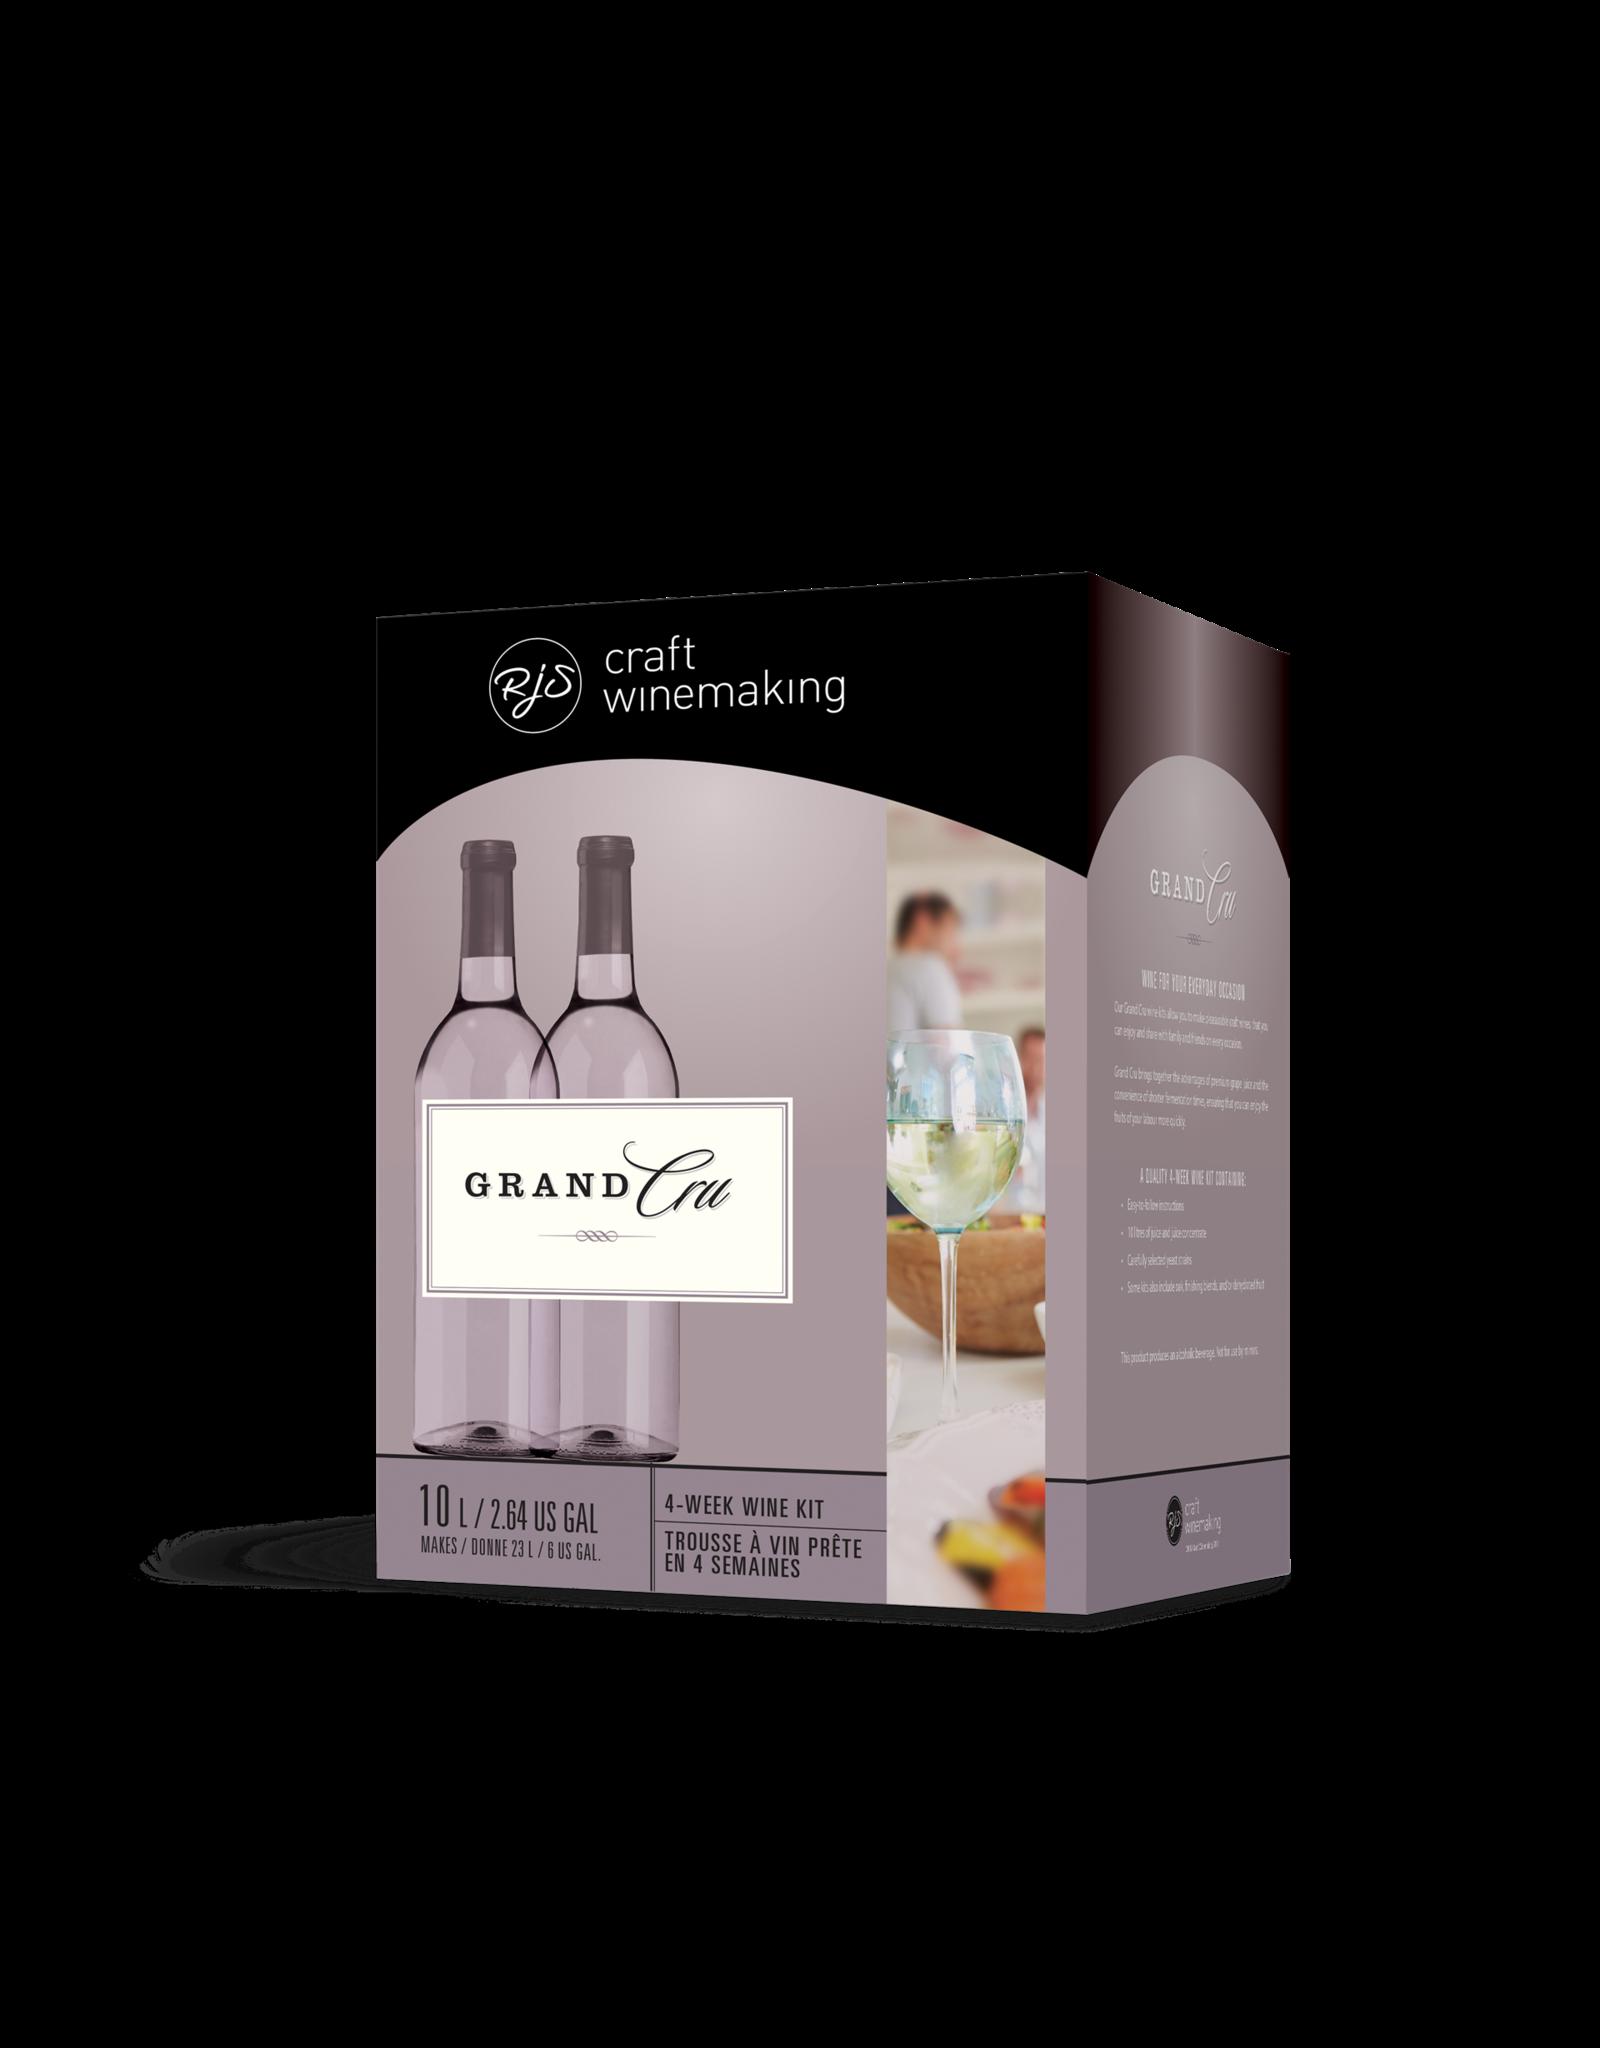 RJS Grand Cru Pinot Blanc